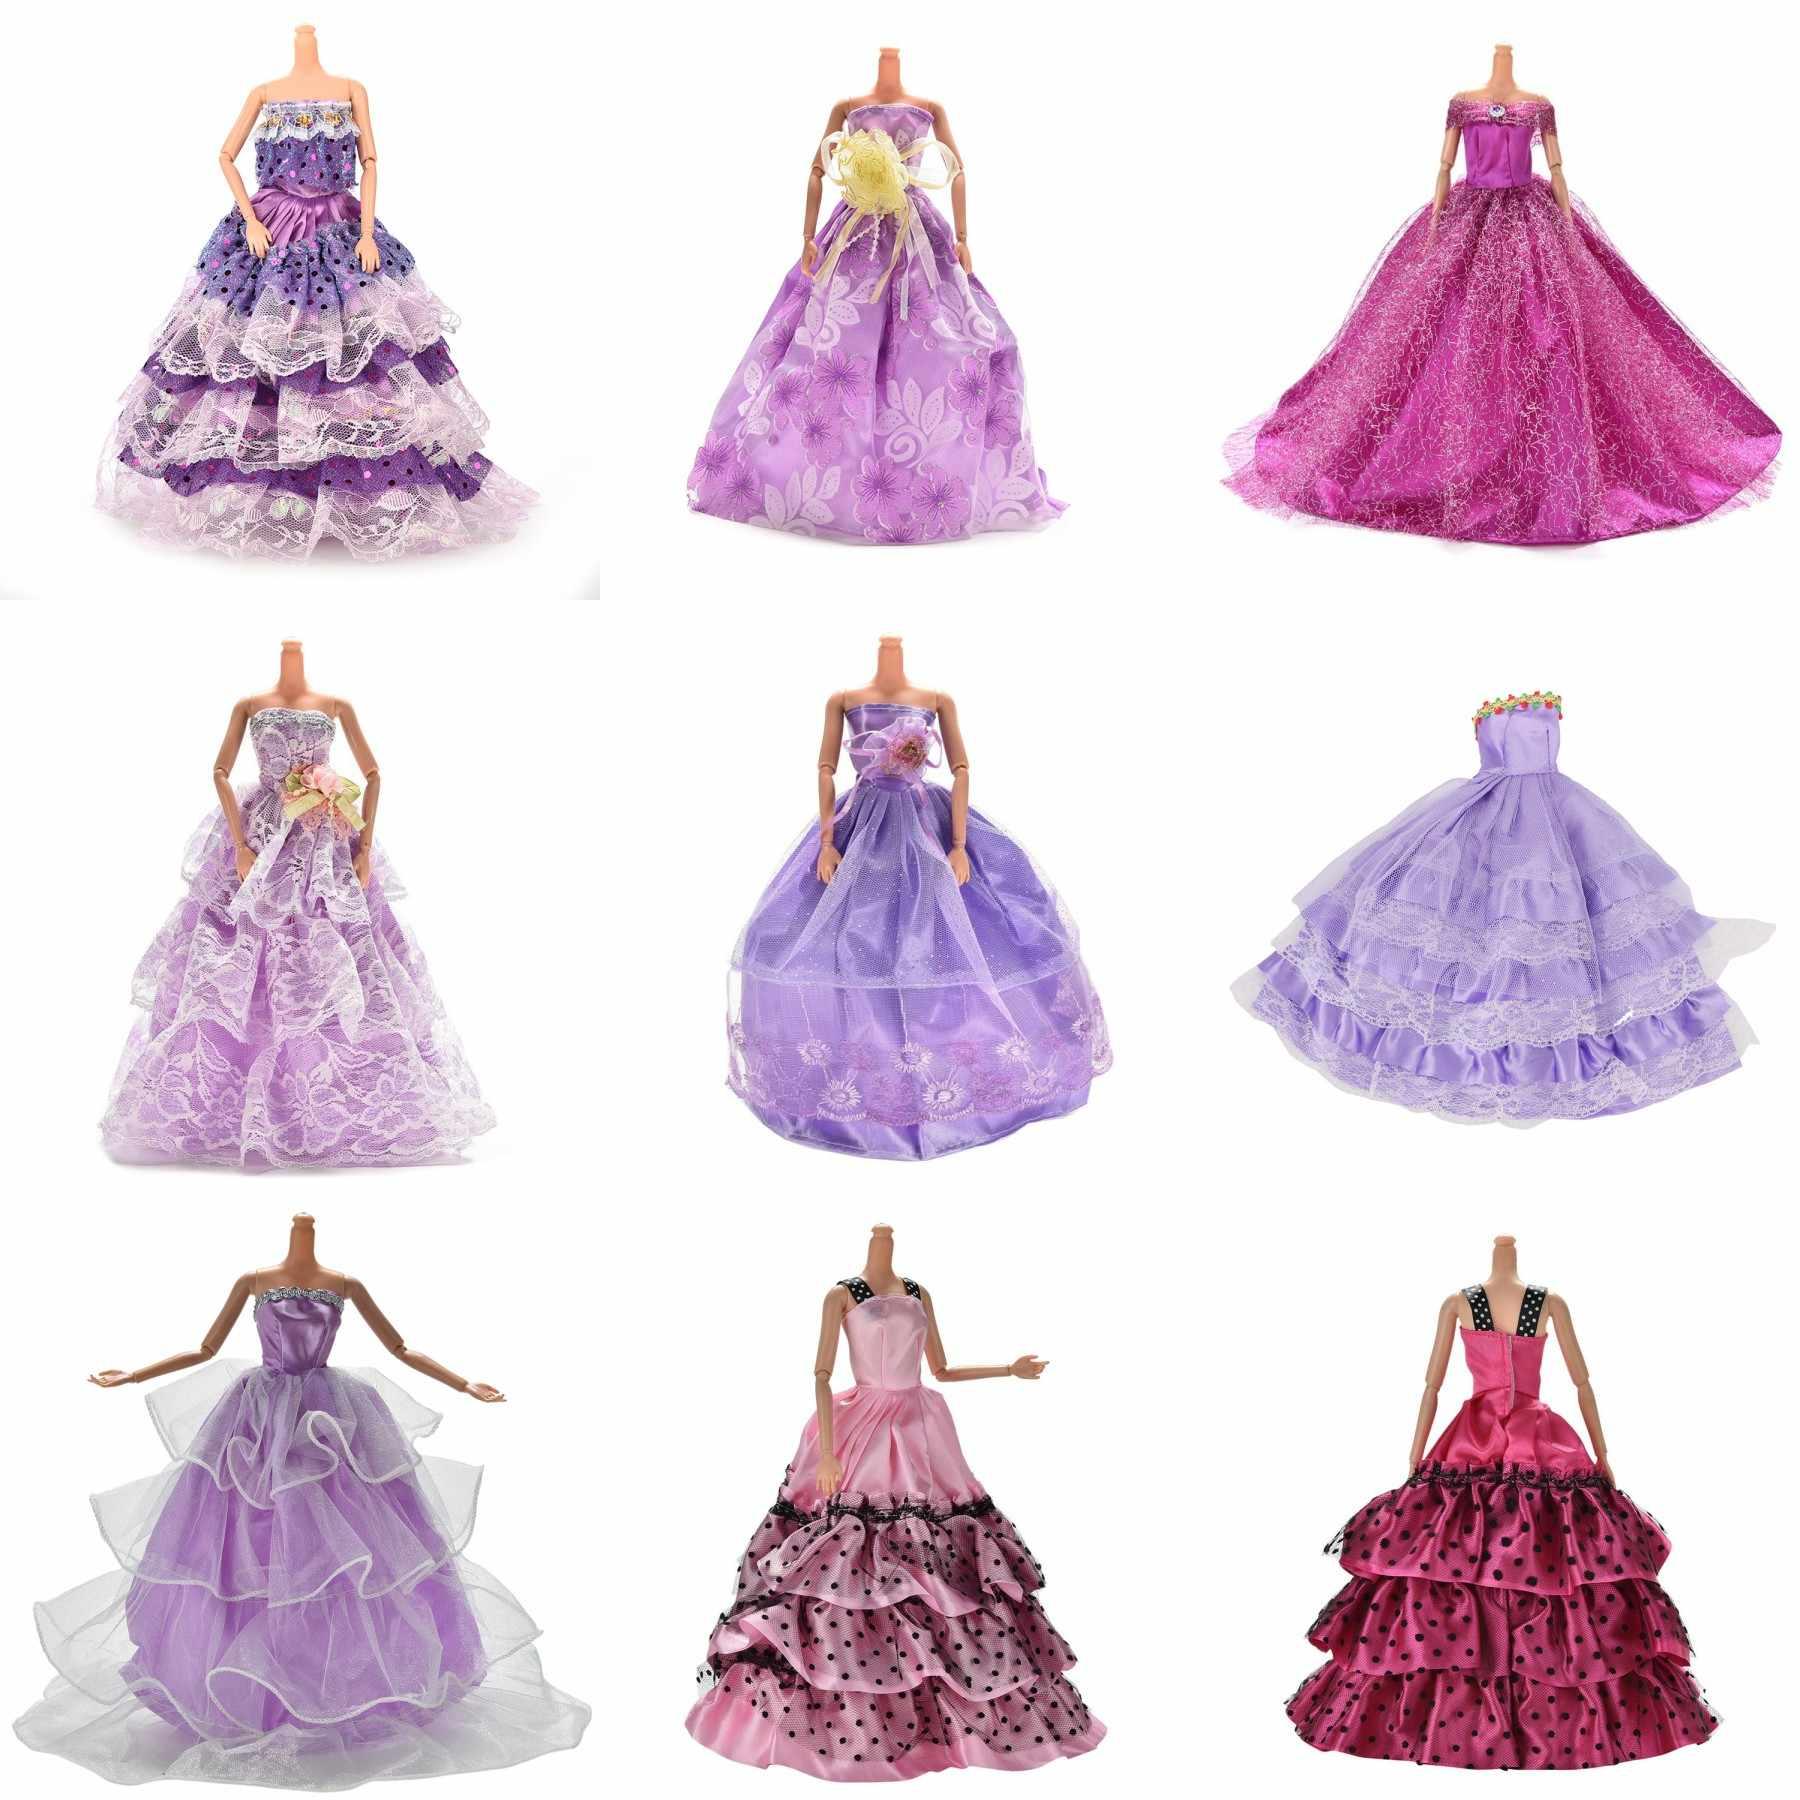 Vestido de novia morado hecho a mano, vestido de princesa para fiesta de noche, vestido largo, falda, velo de novia, ropa para muñeca Babi, accesorios de regalo de juguete